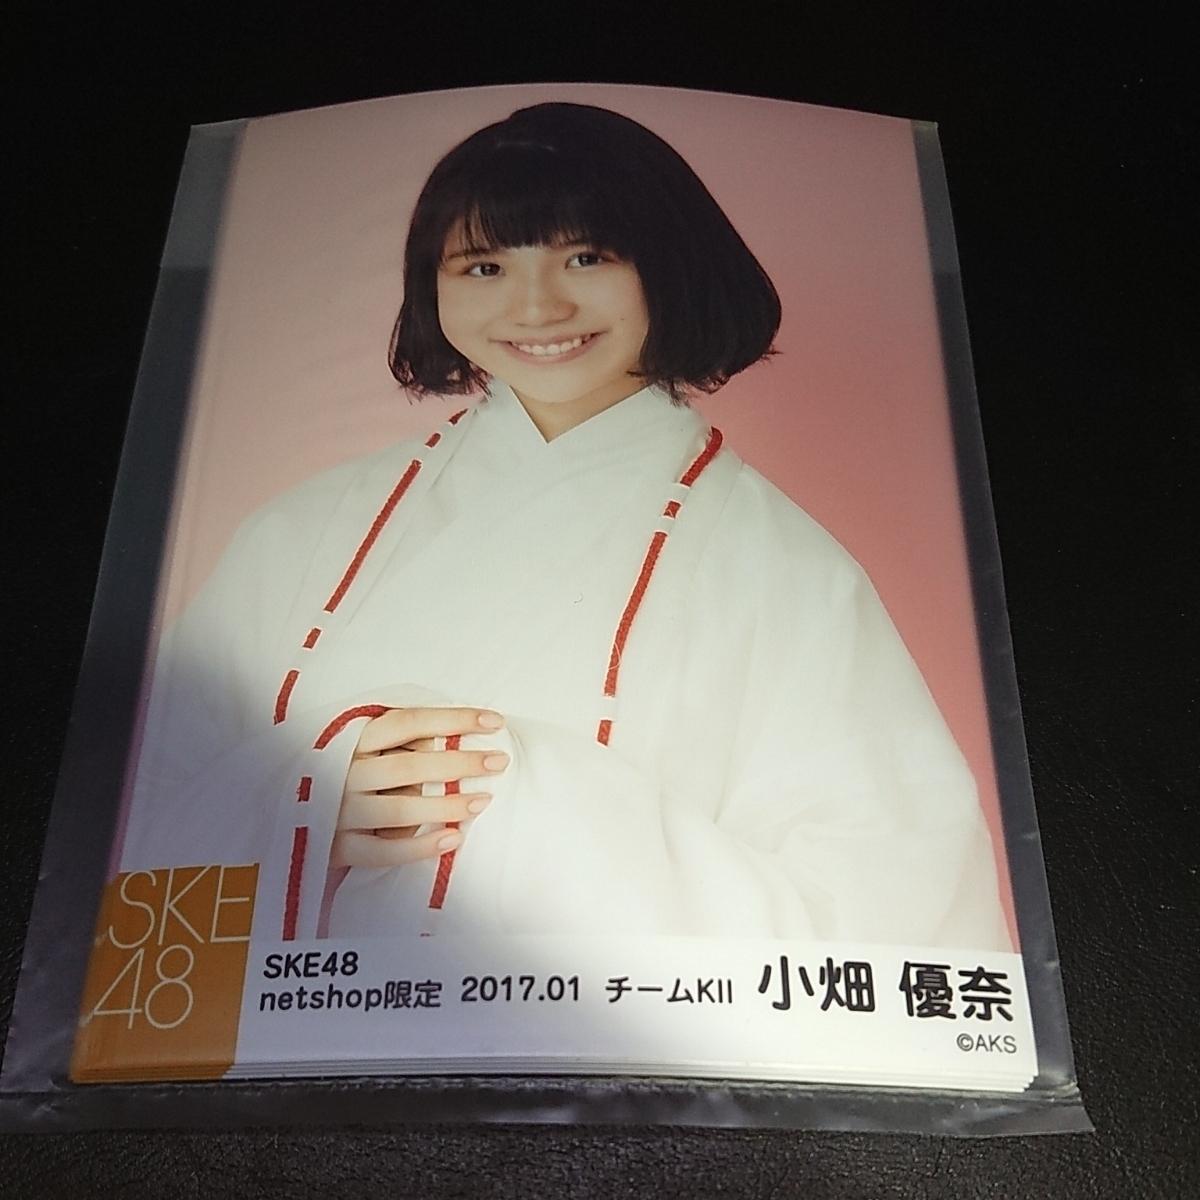 SKE48 小畑優奈 個別生写真 5枚セット 2017.01 netshop限定 未開封_画像1